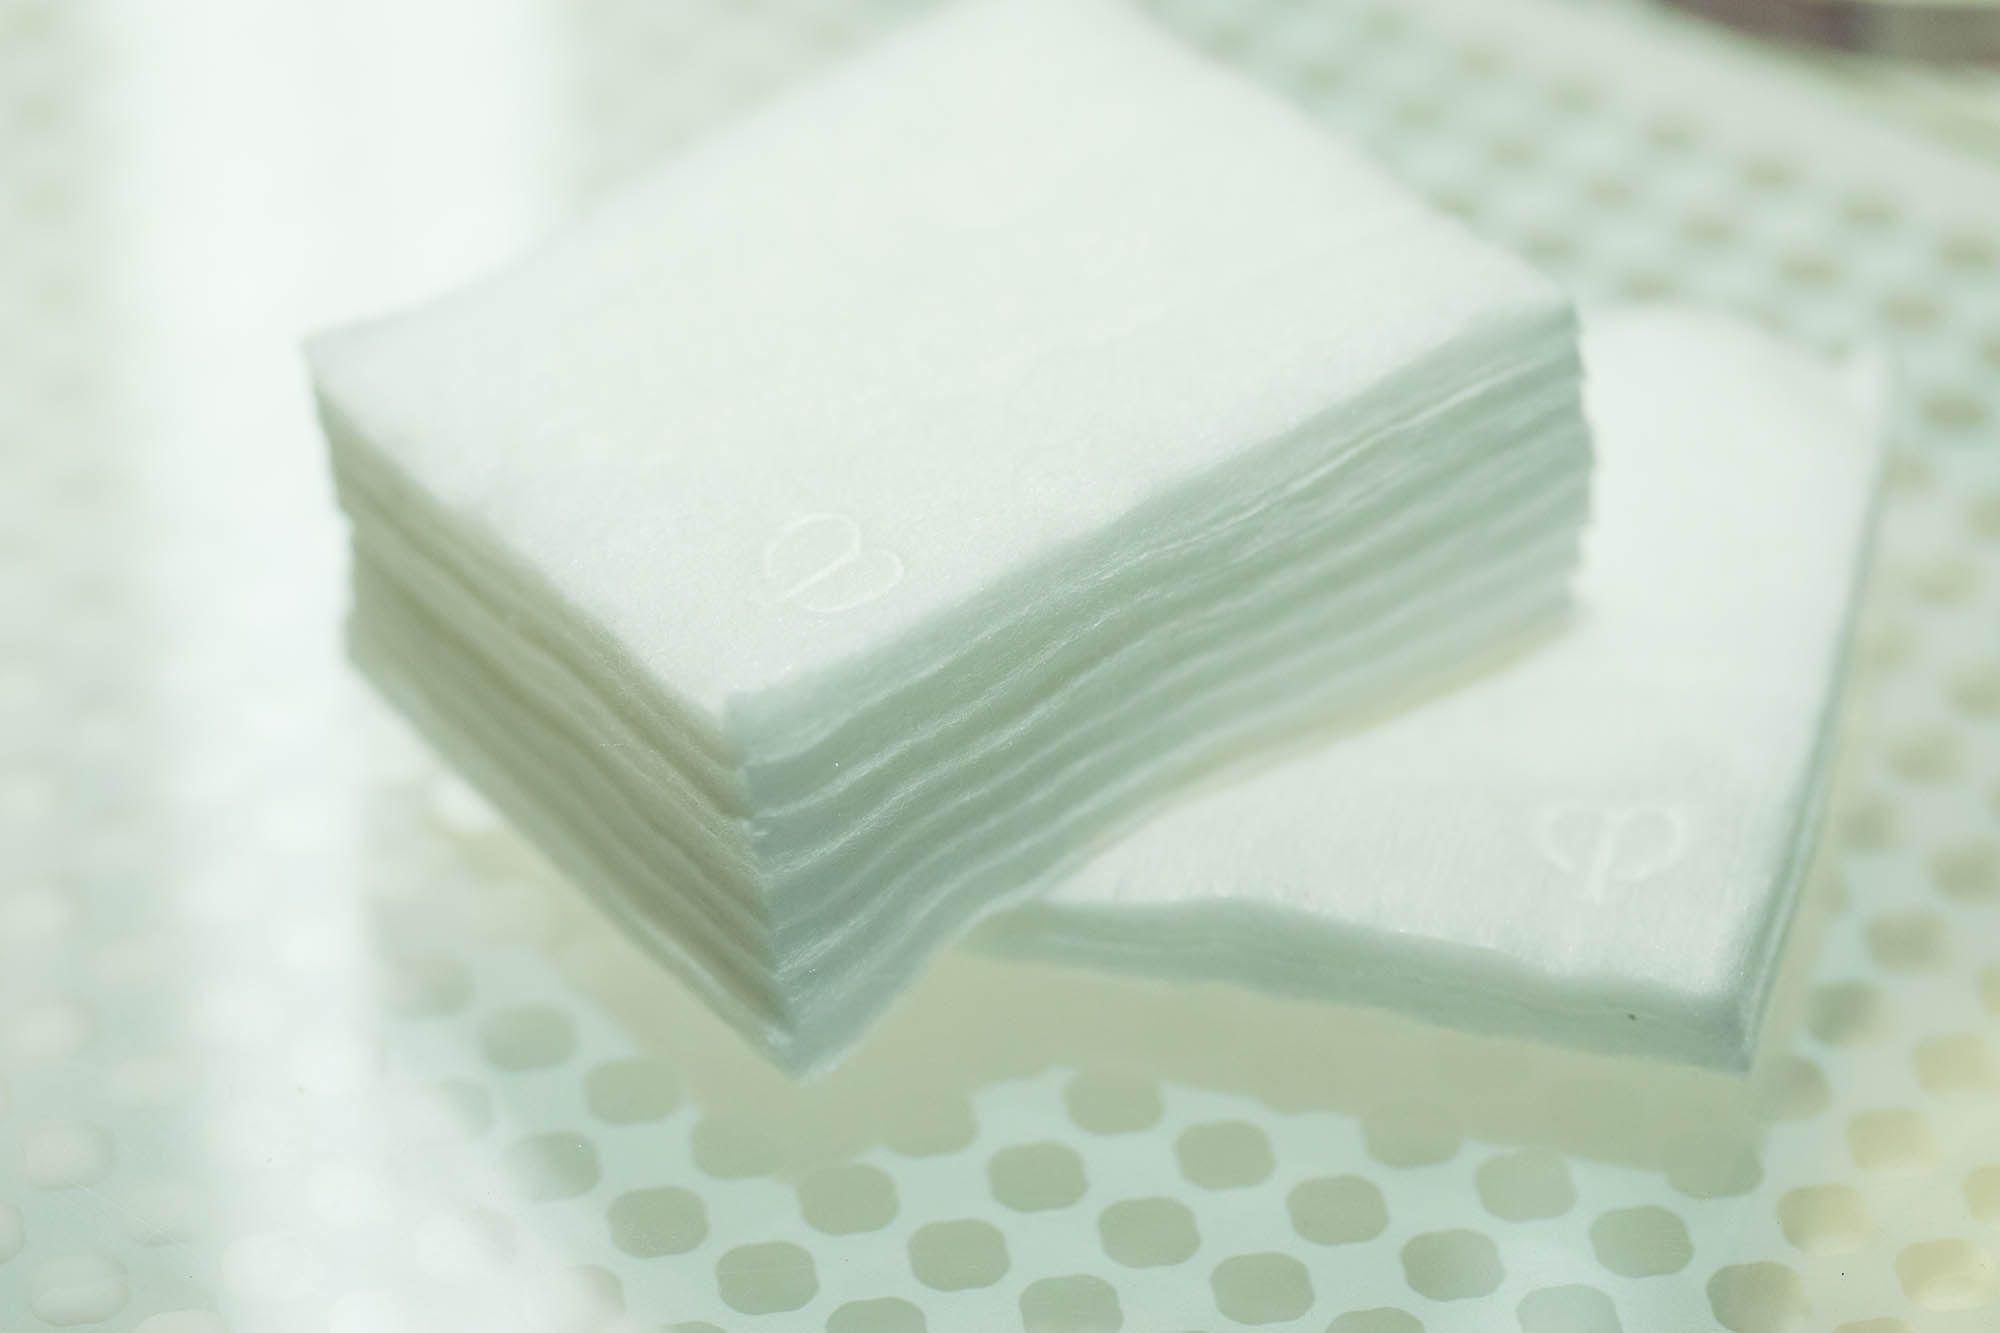 「クレ・ド・ポー ボーテ」のマークがエンボスされている「ル・コトン」。表面には衣料用の高級シルクが用いられているため、コットン自体に輝きが宿っている。